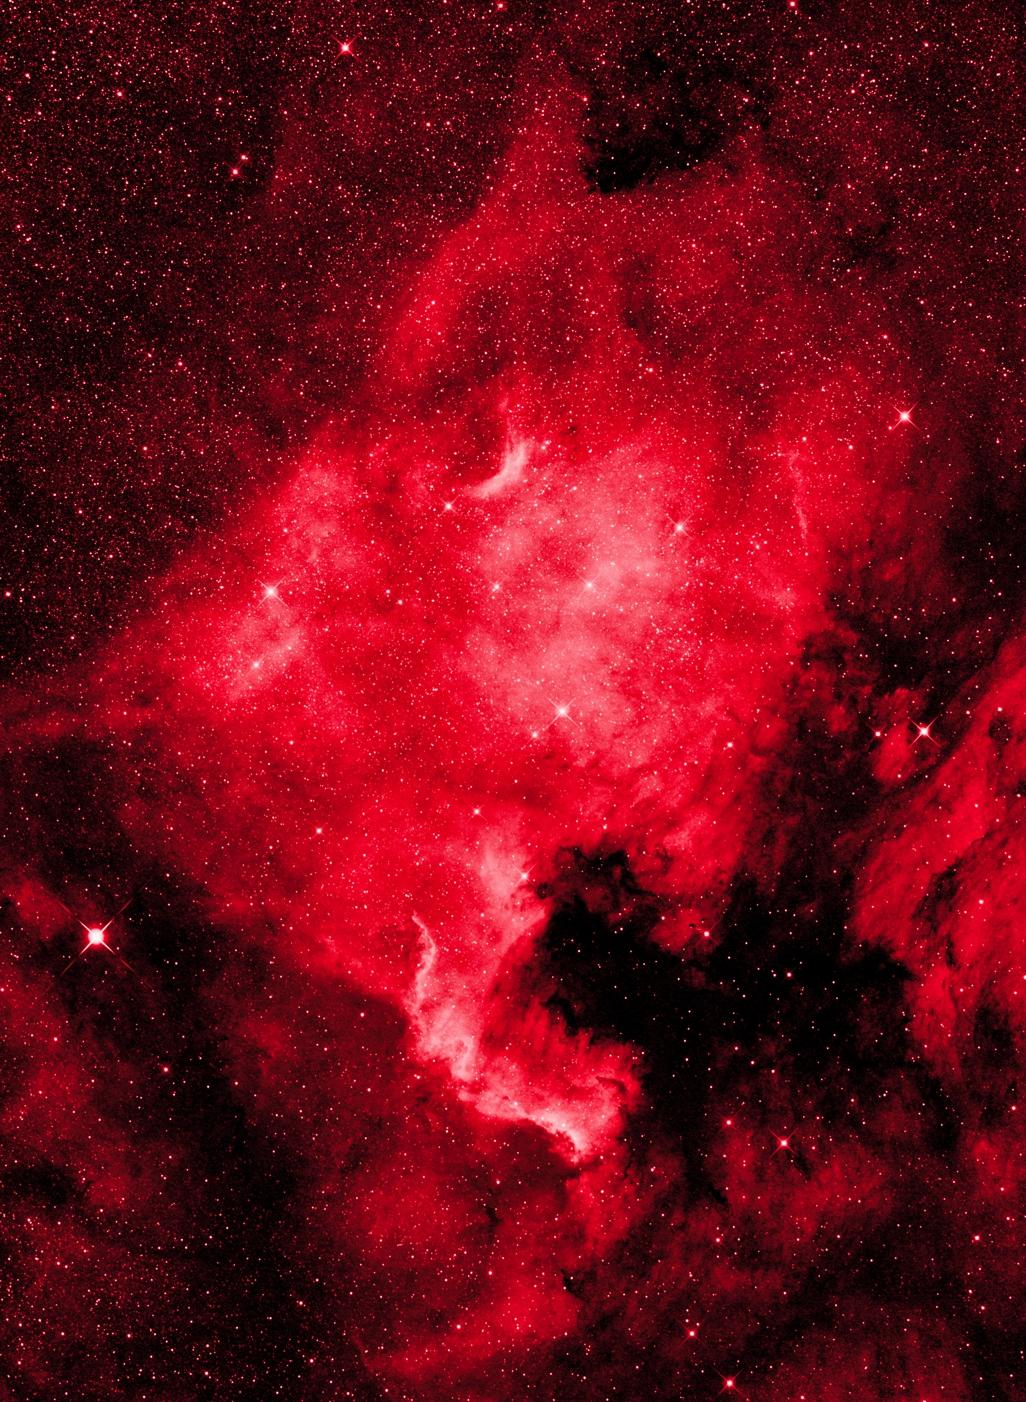 north-america-nebula-5009ebf422a4304a2a340aa12664adaf91d882de